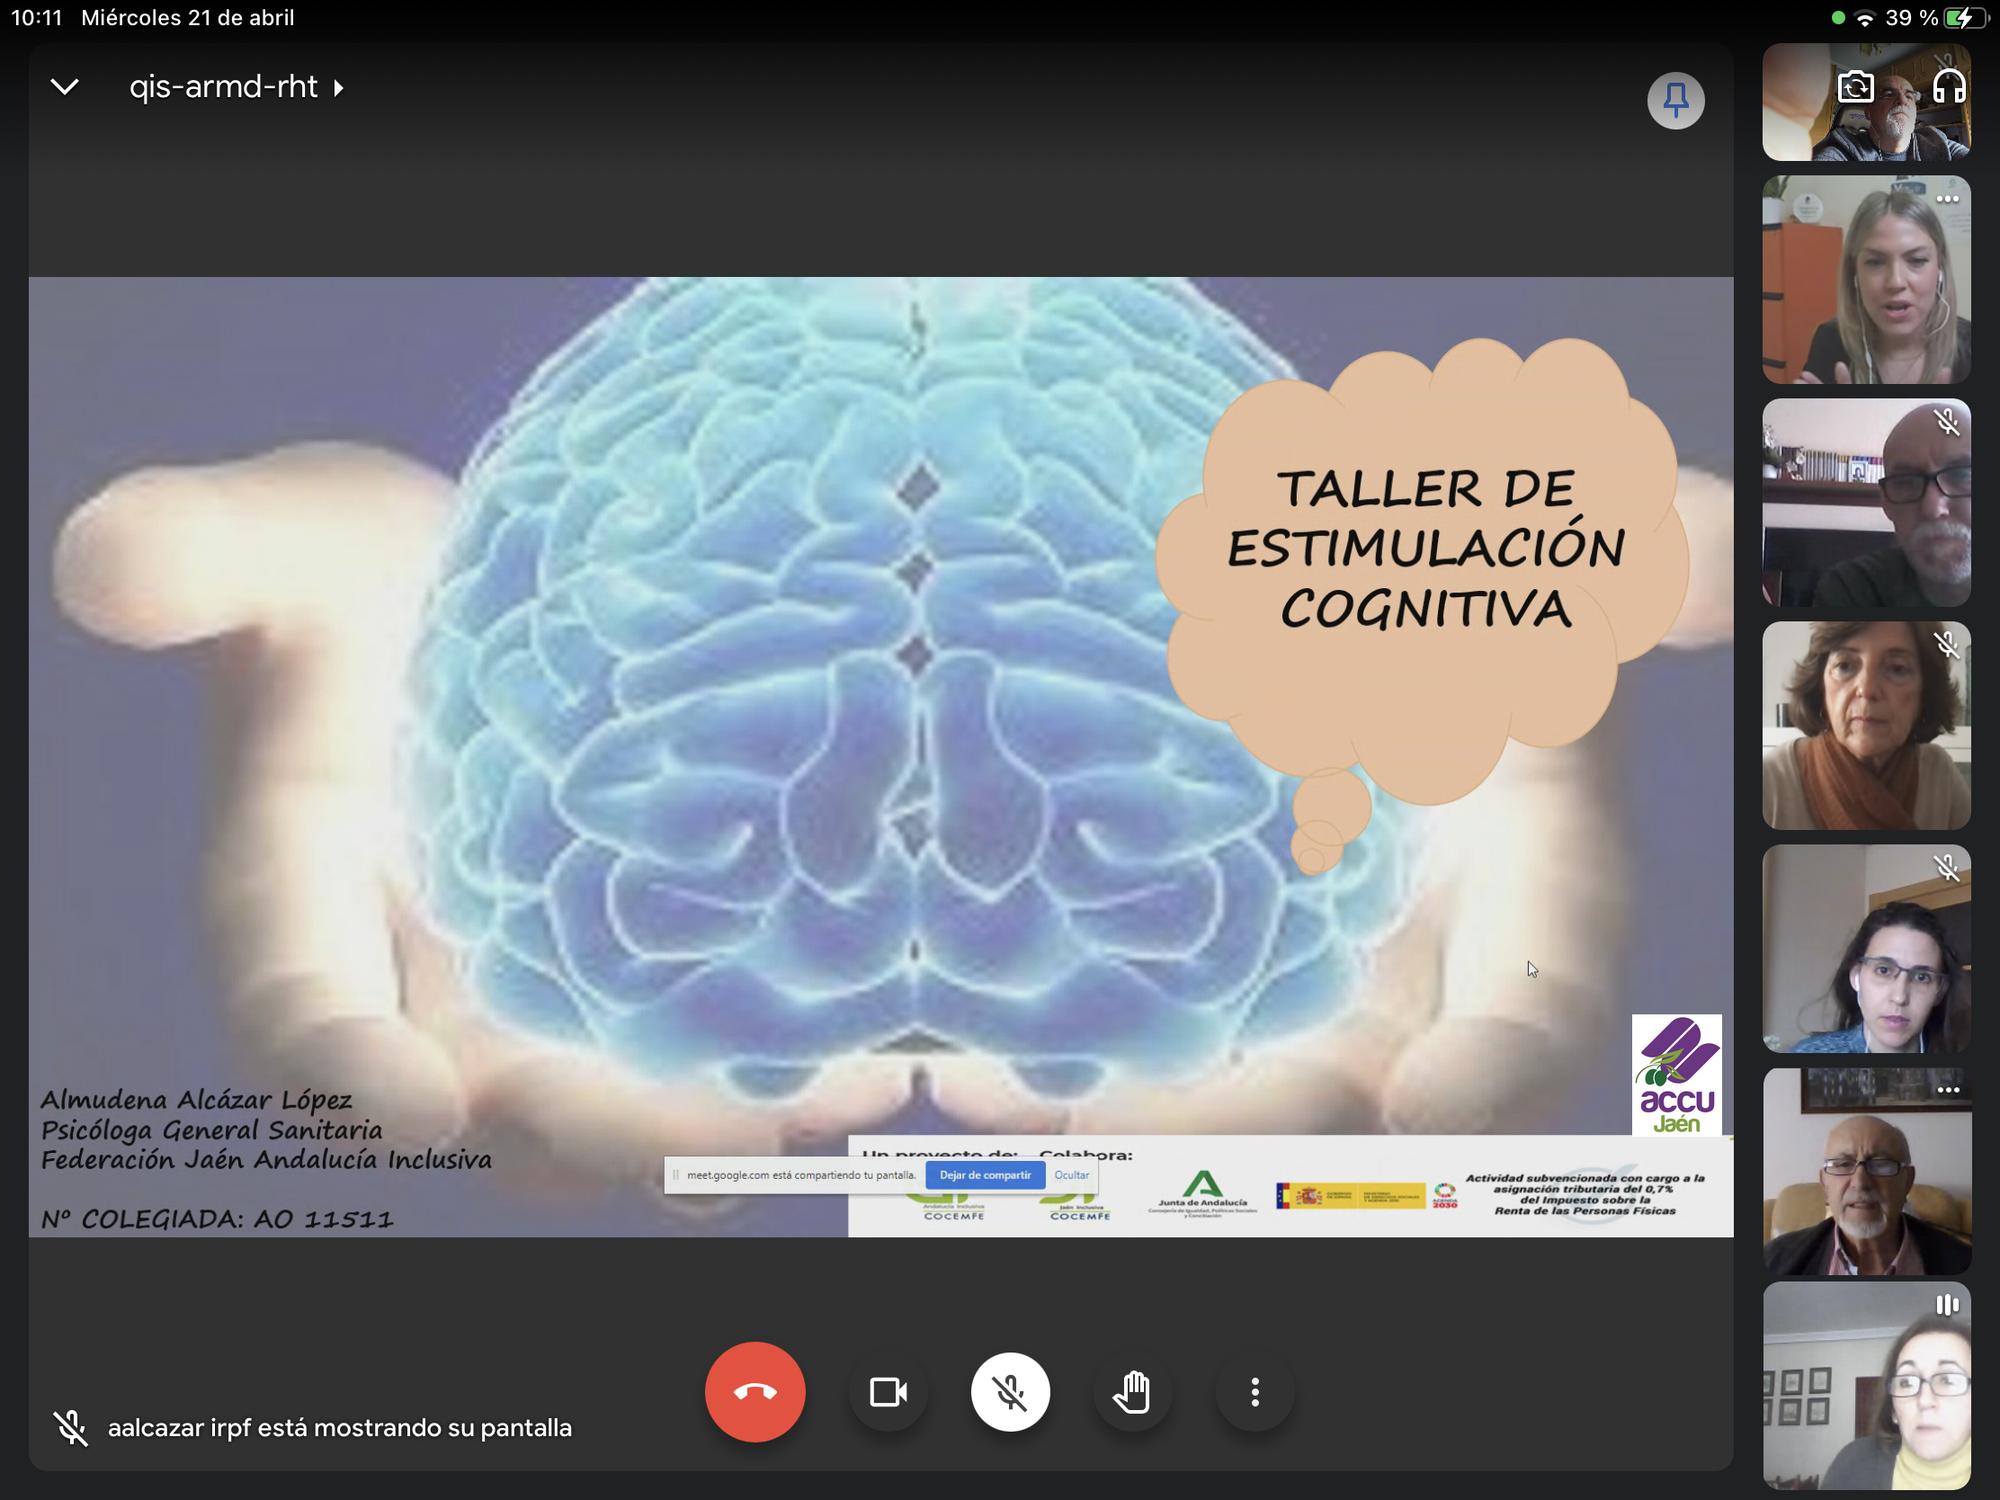 Taller on-line Estimulacio Cognitiva